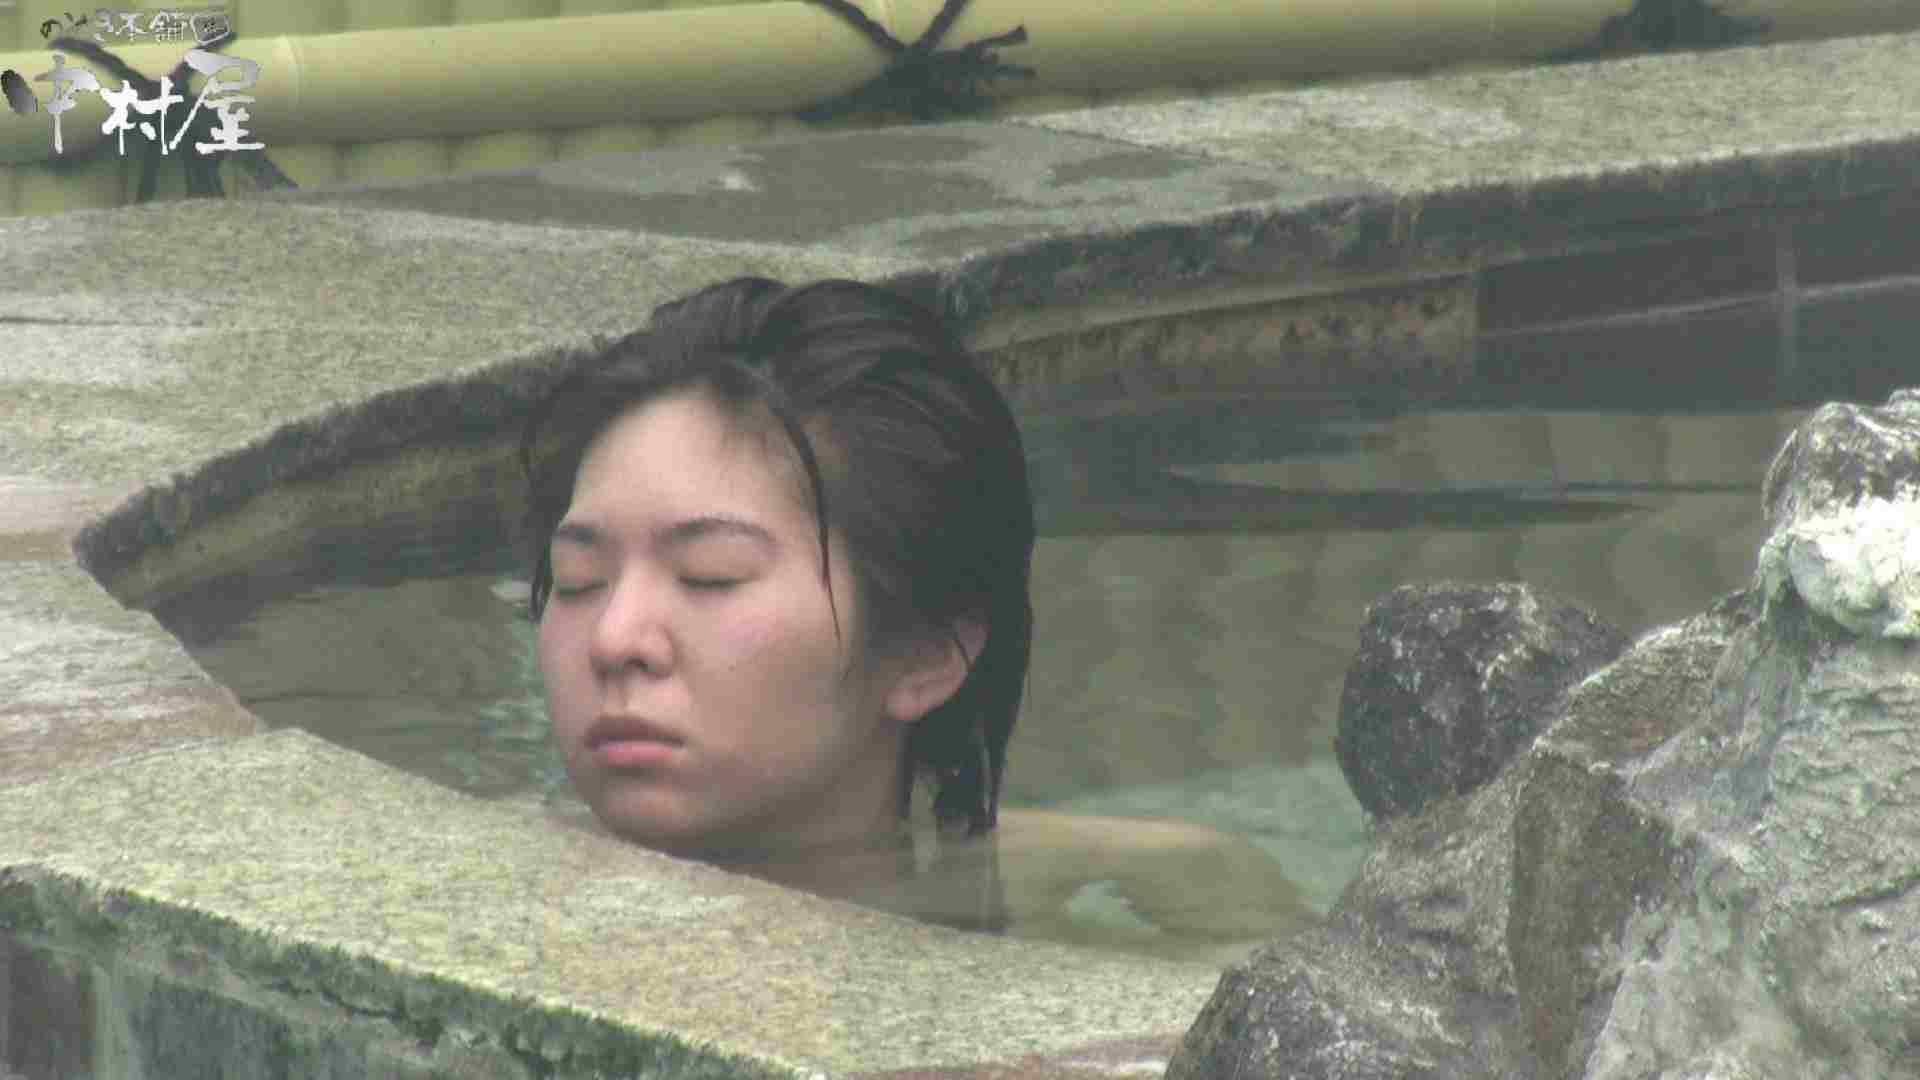 Aquaな露天風呂Vol.907 OL女体 | 女体盗撮  95連発 46